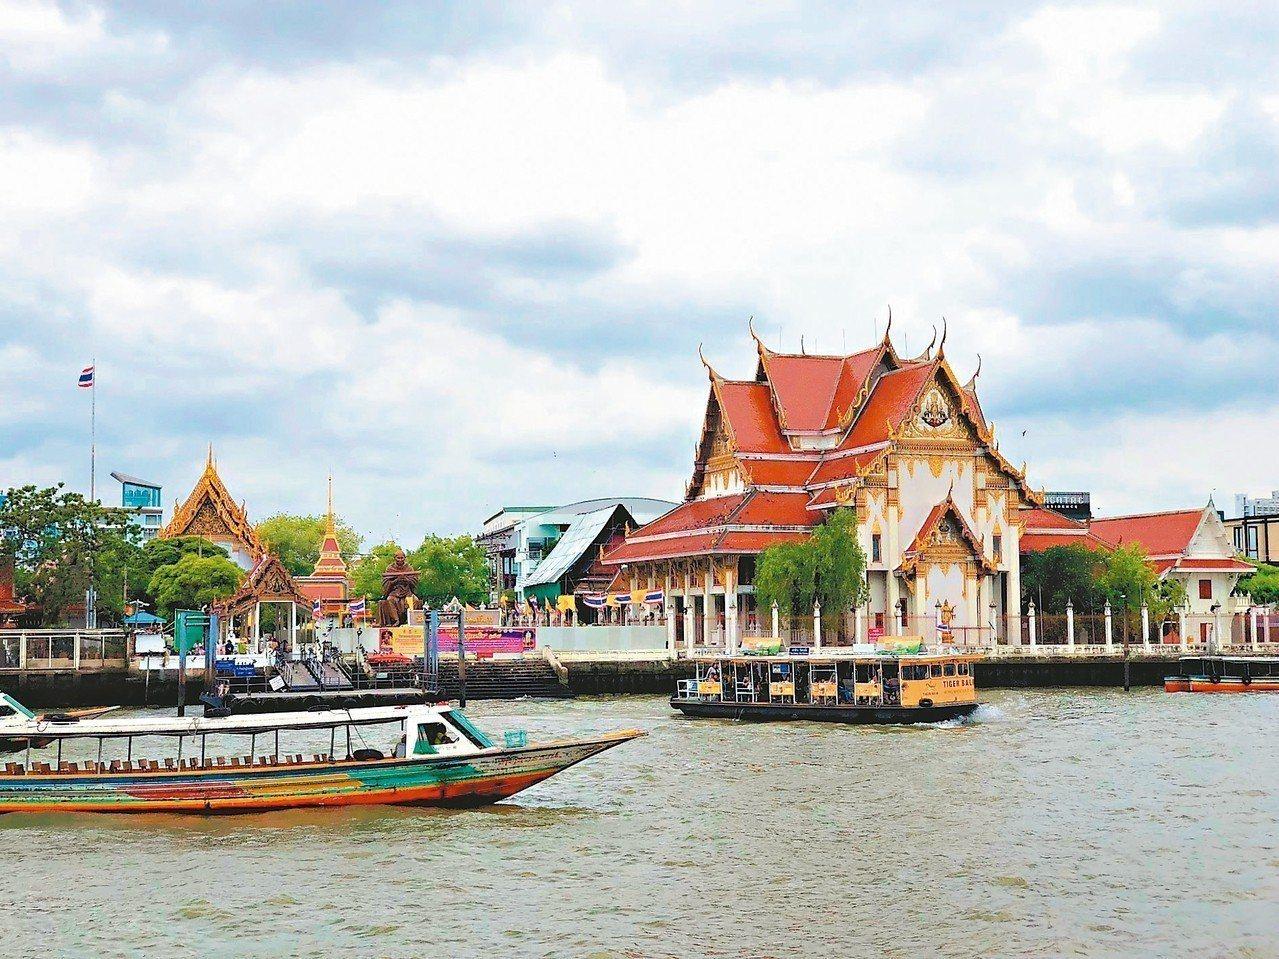 曼谷的水路昭披耶河是重要河川。 記者魏妤庭/攝影